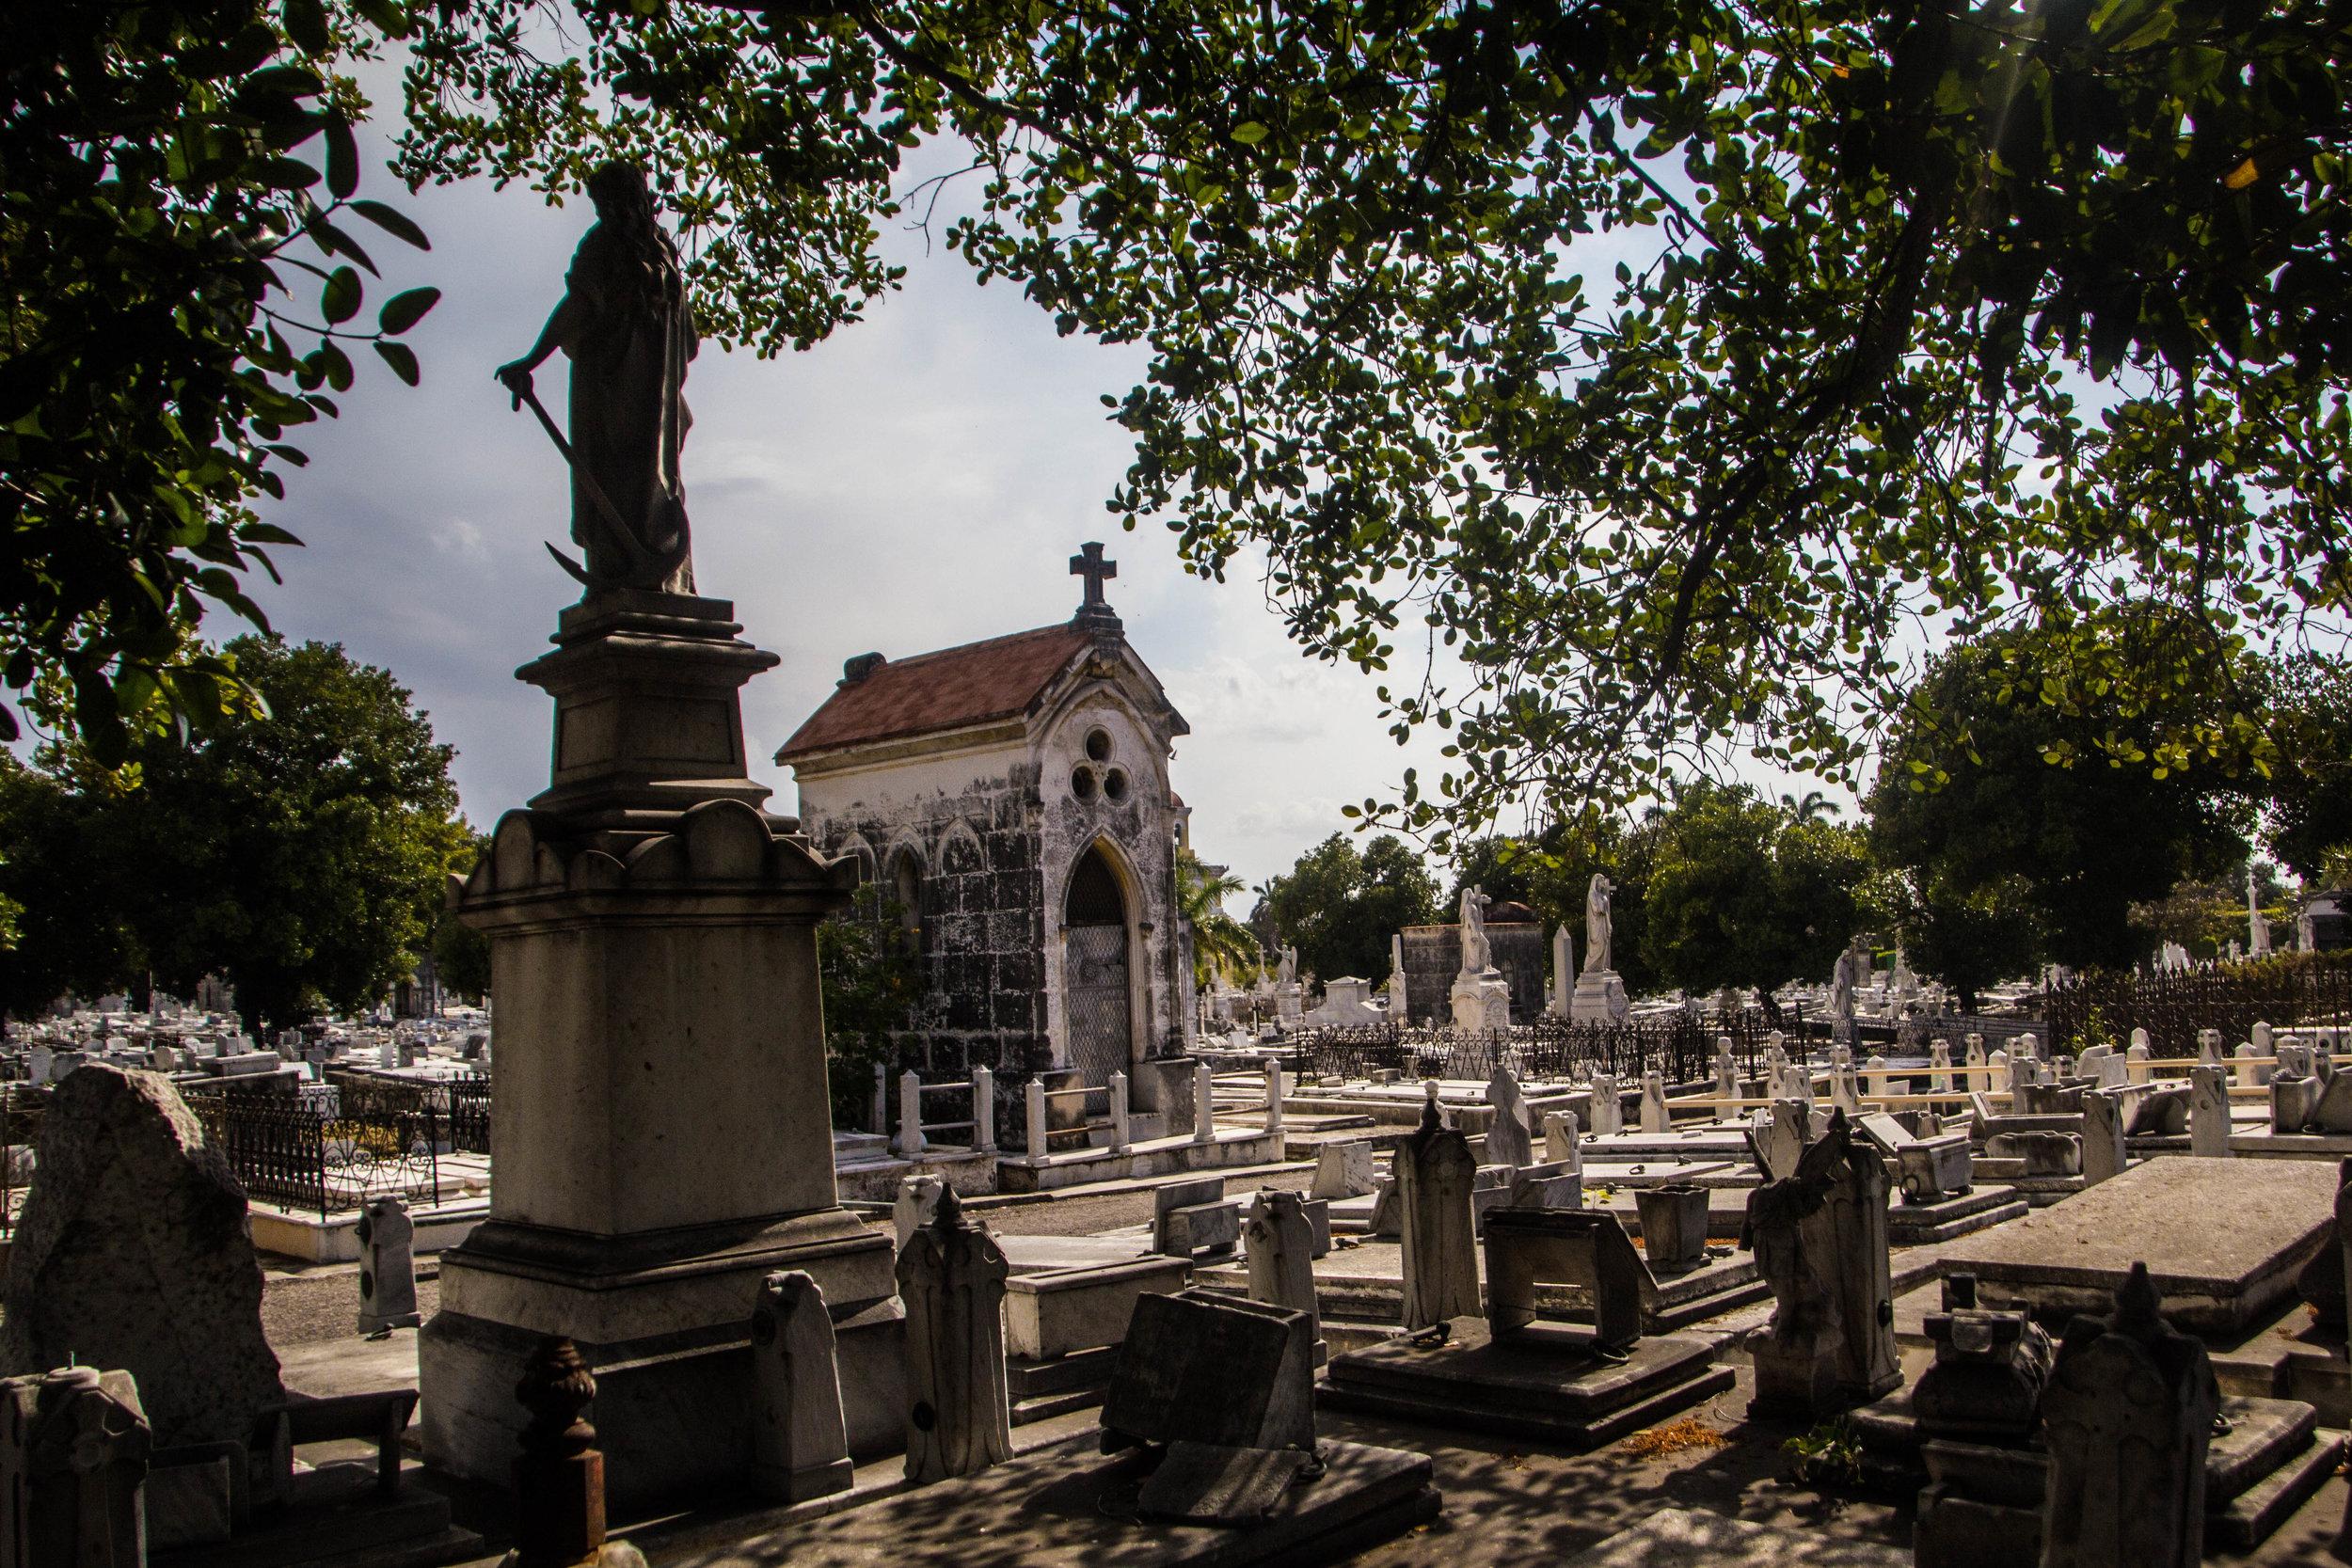 cementerio de cristóbal colón havana cuba-1-7-2.jpg